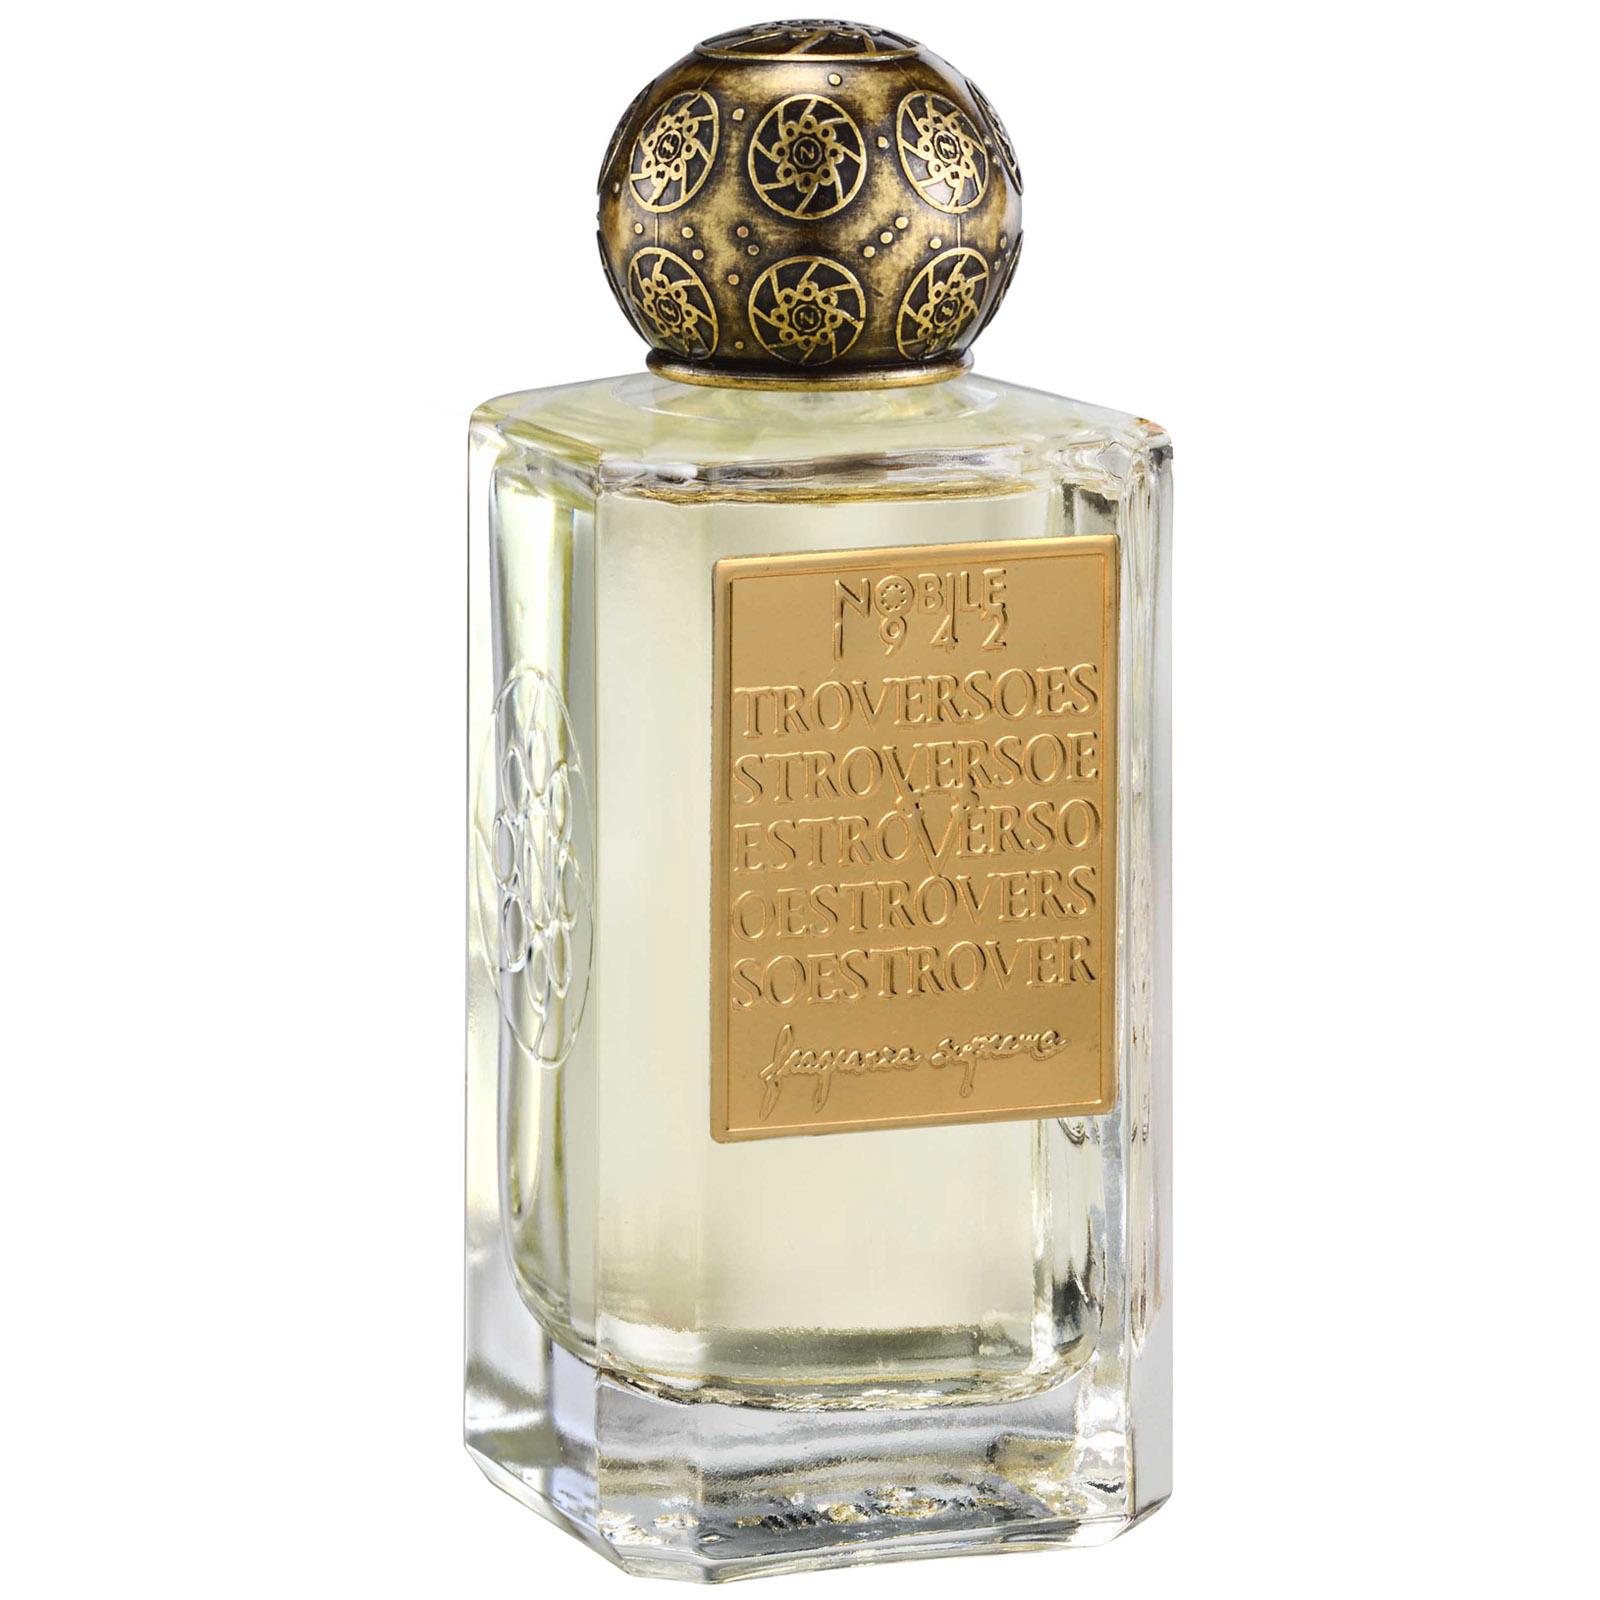 Estroverso profumo eau de parfum 75 ml